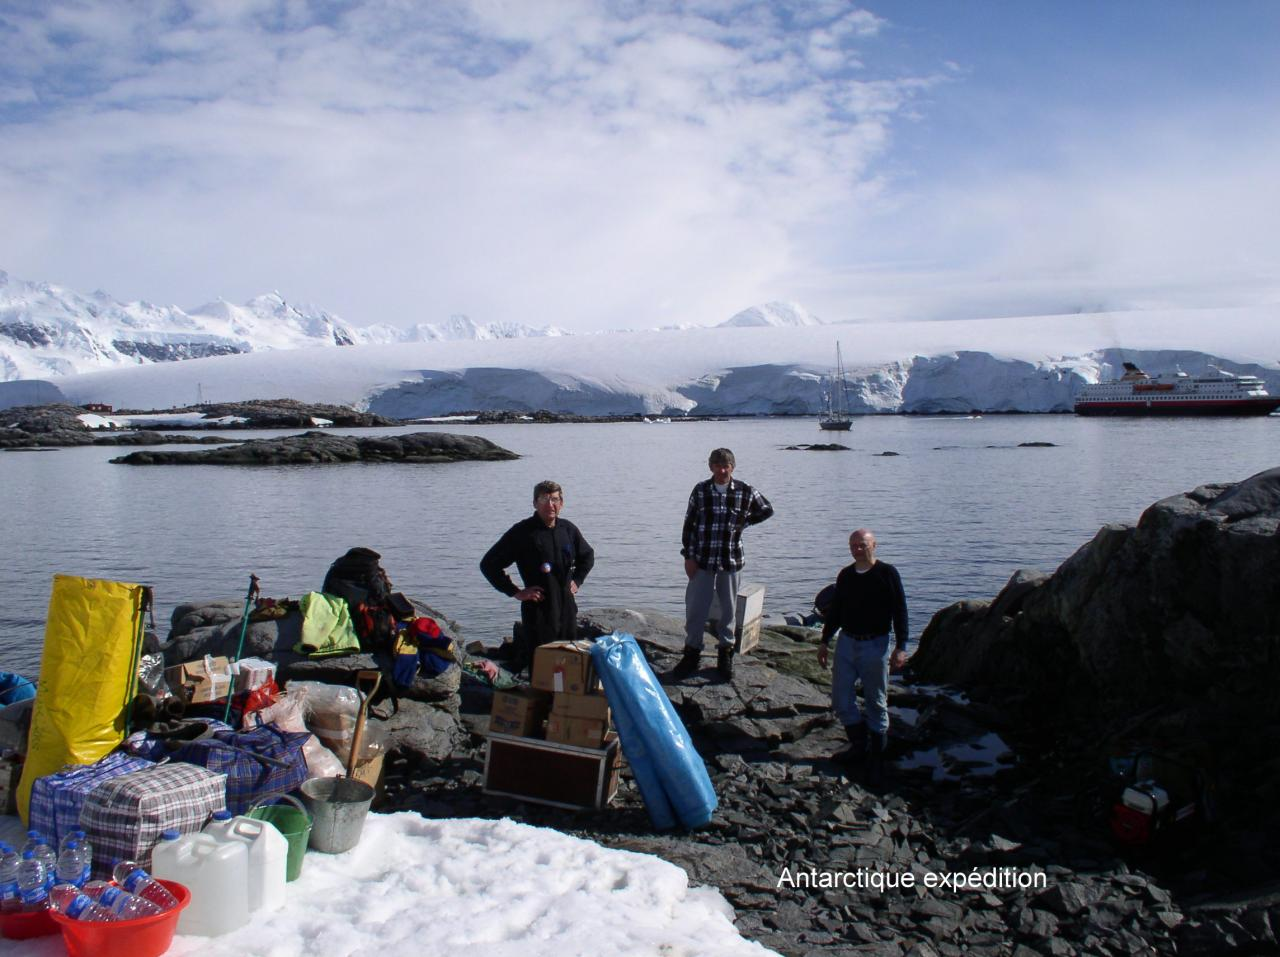 Antarctique expedition 2